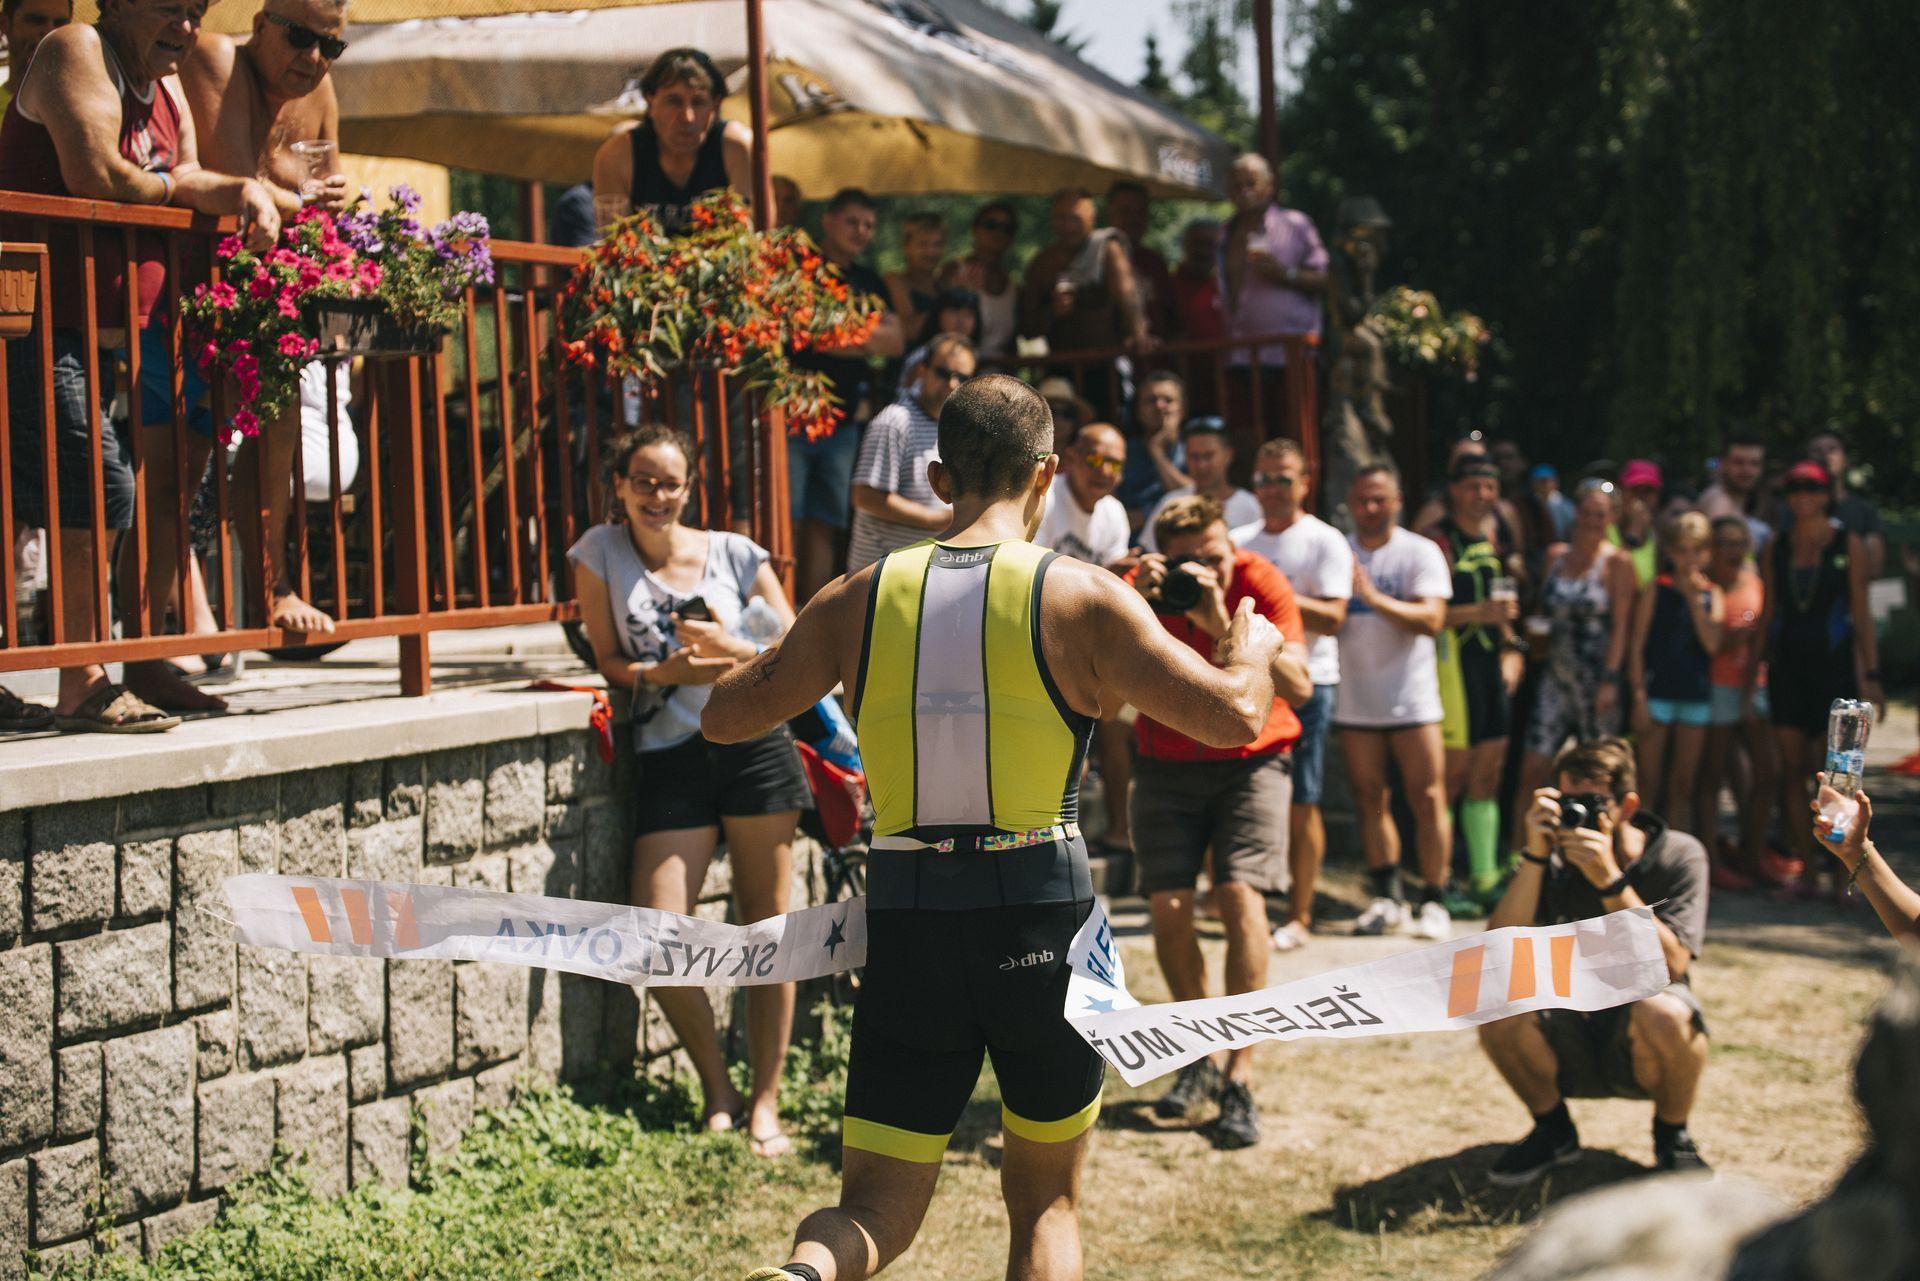 Závod plný novinek ovládli staří známí závodníci